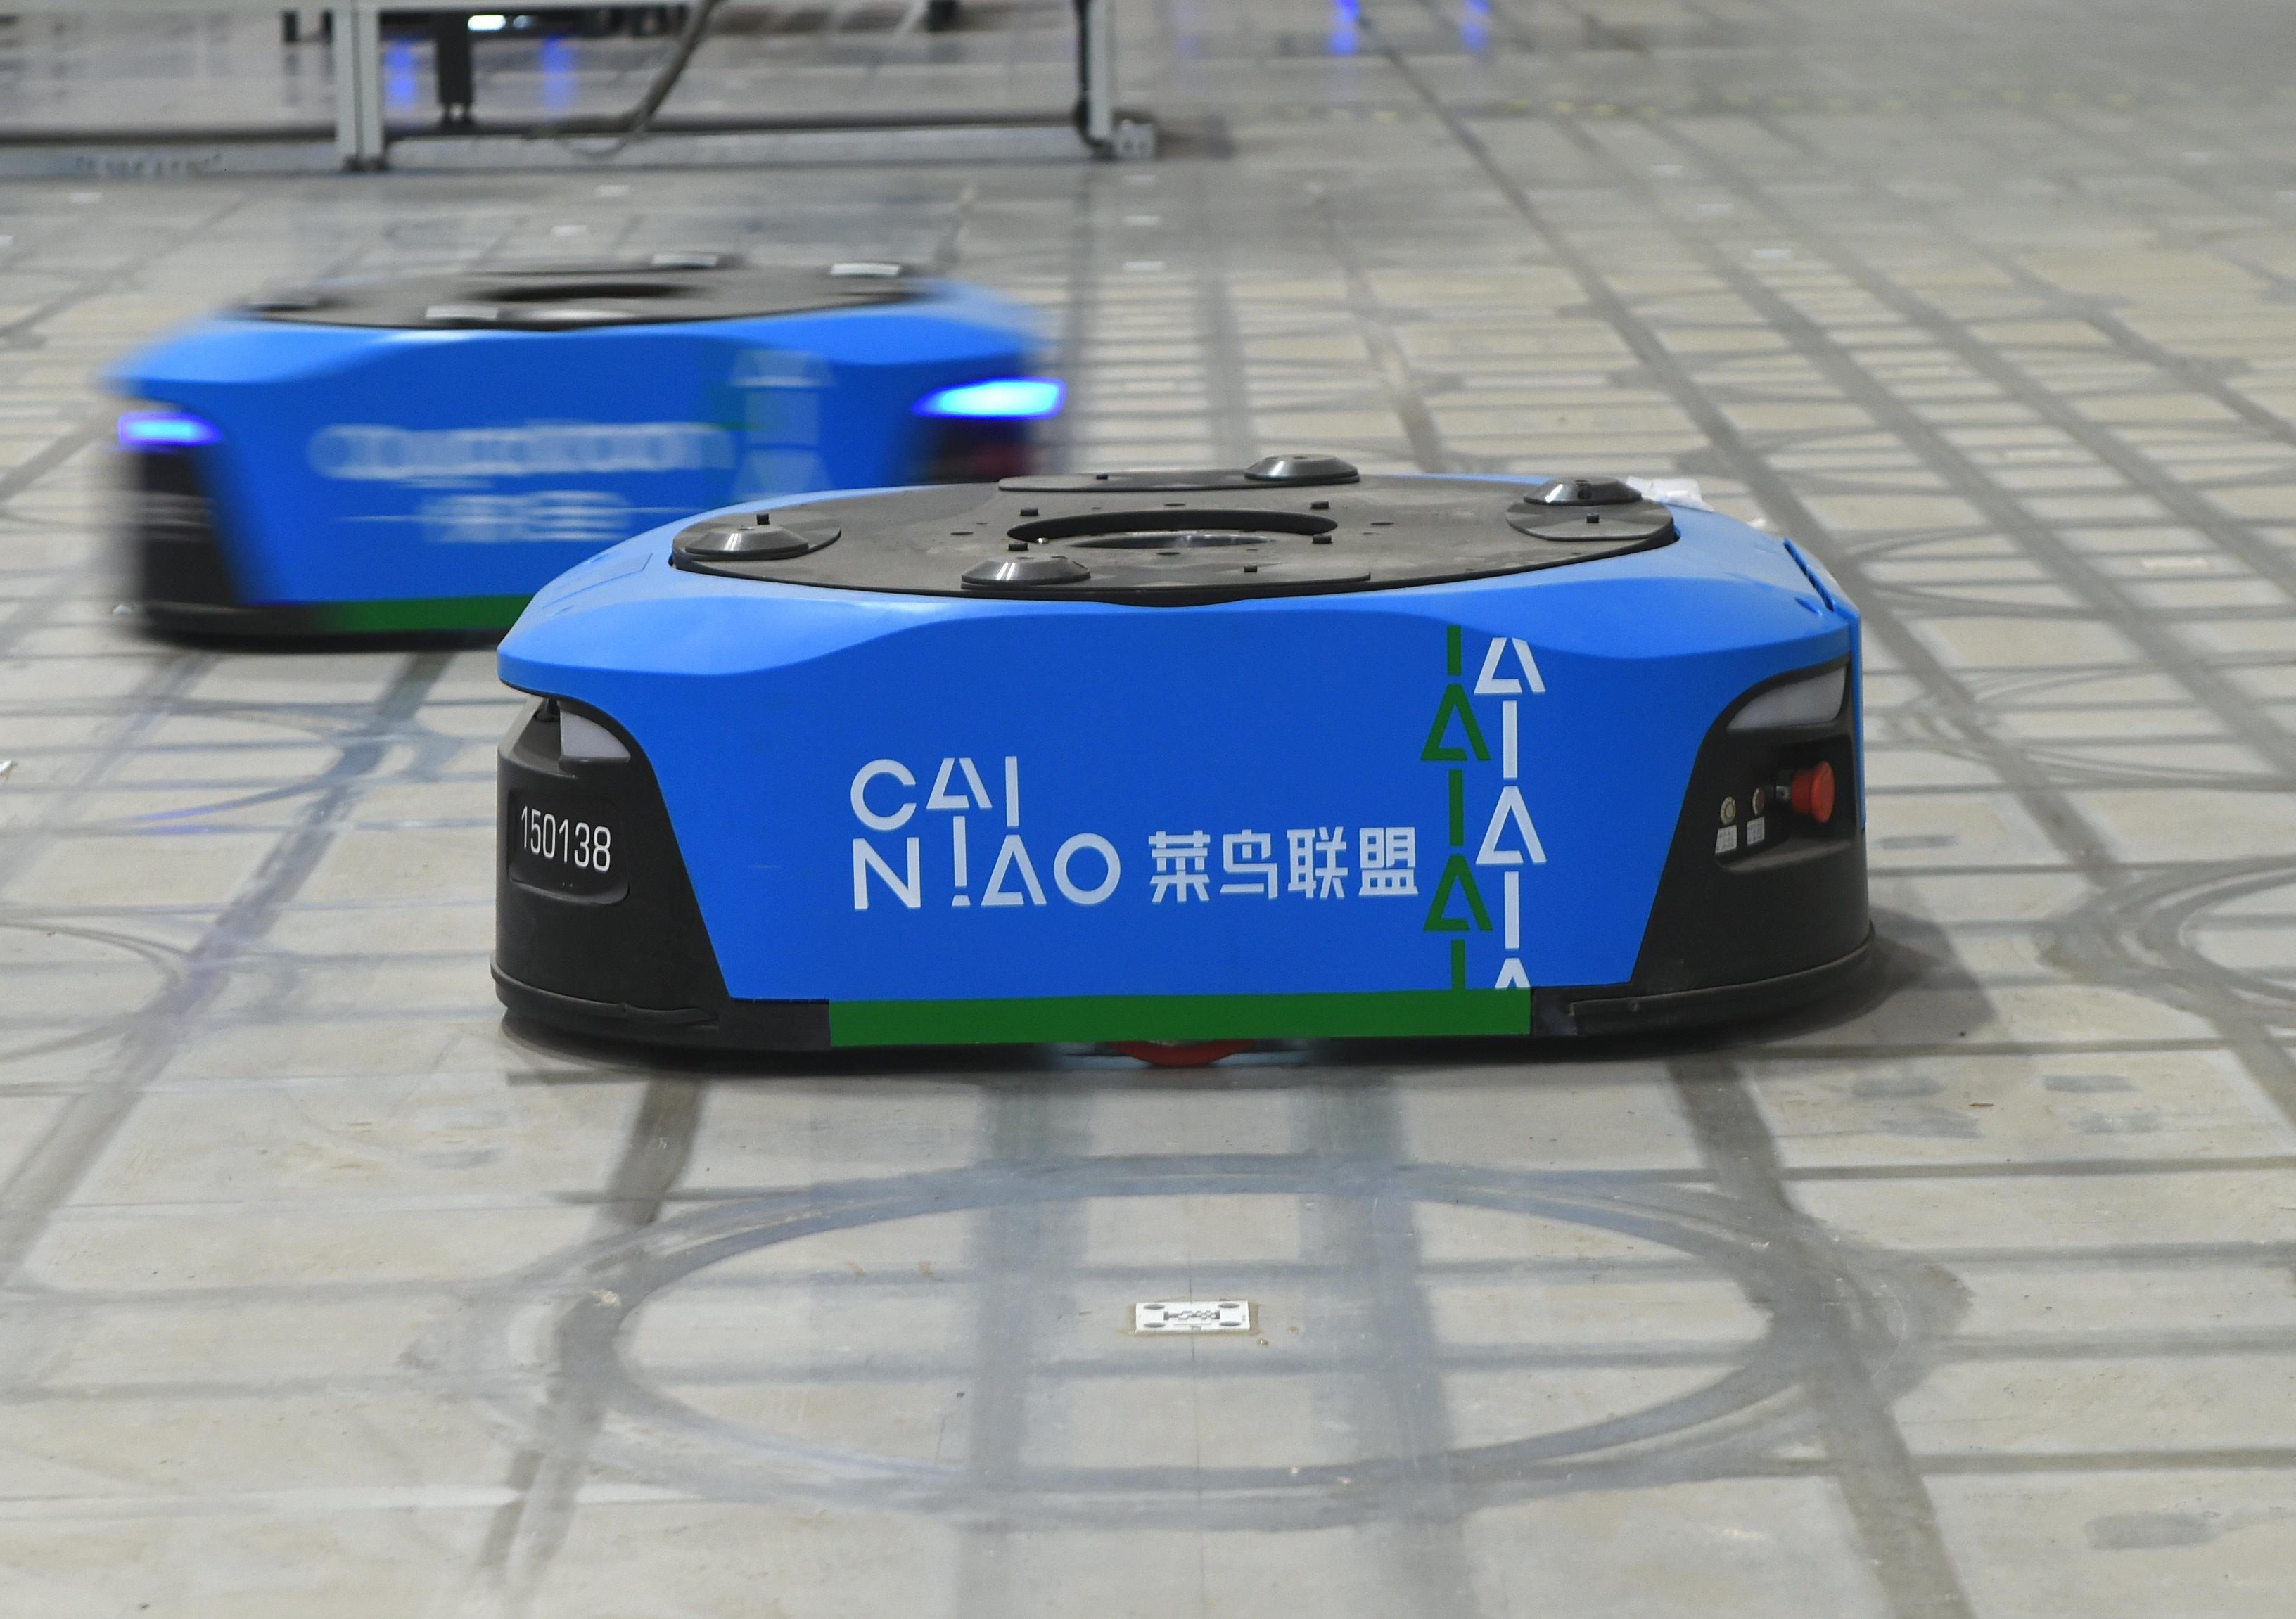 菜鸟新一代智能仓上线  超千台机器人协同作业